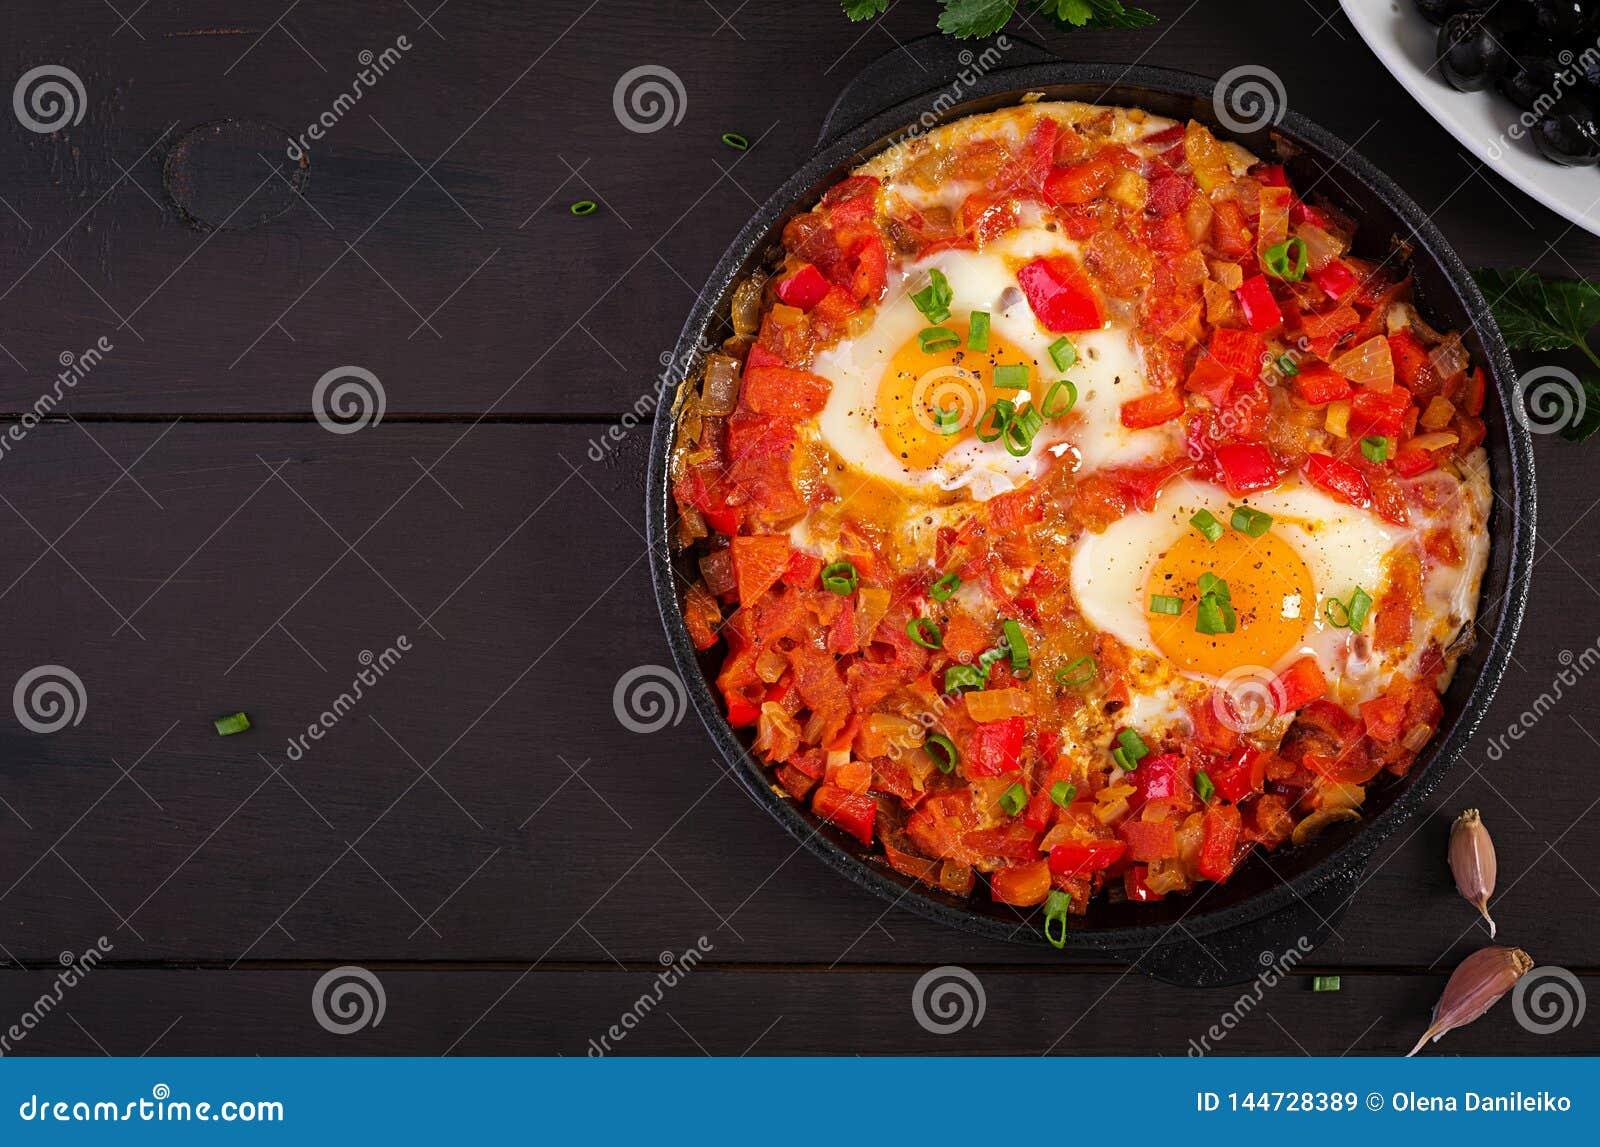 土耳其早餐- shakshuka 荷包蛋 brunching